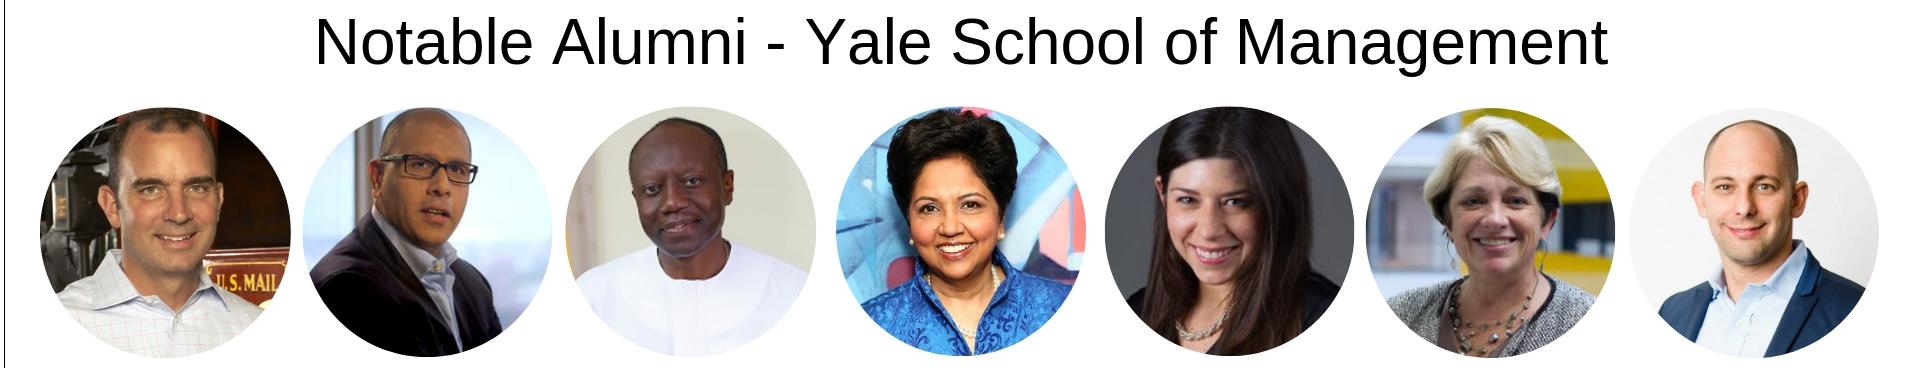 Yale School of Management - Yale SoM MBA Program - Notable Alumni